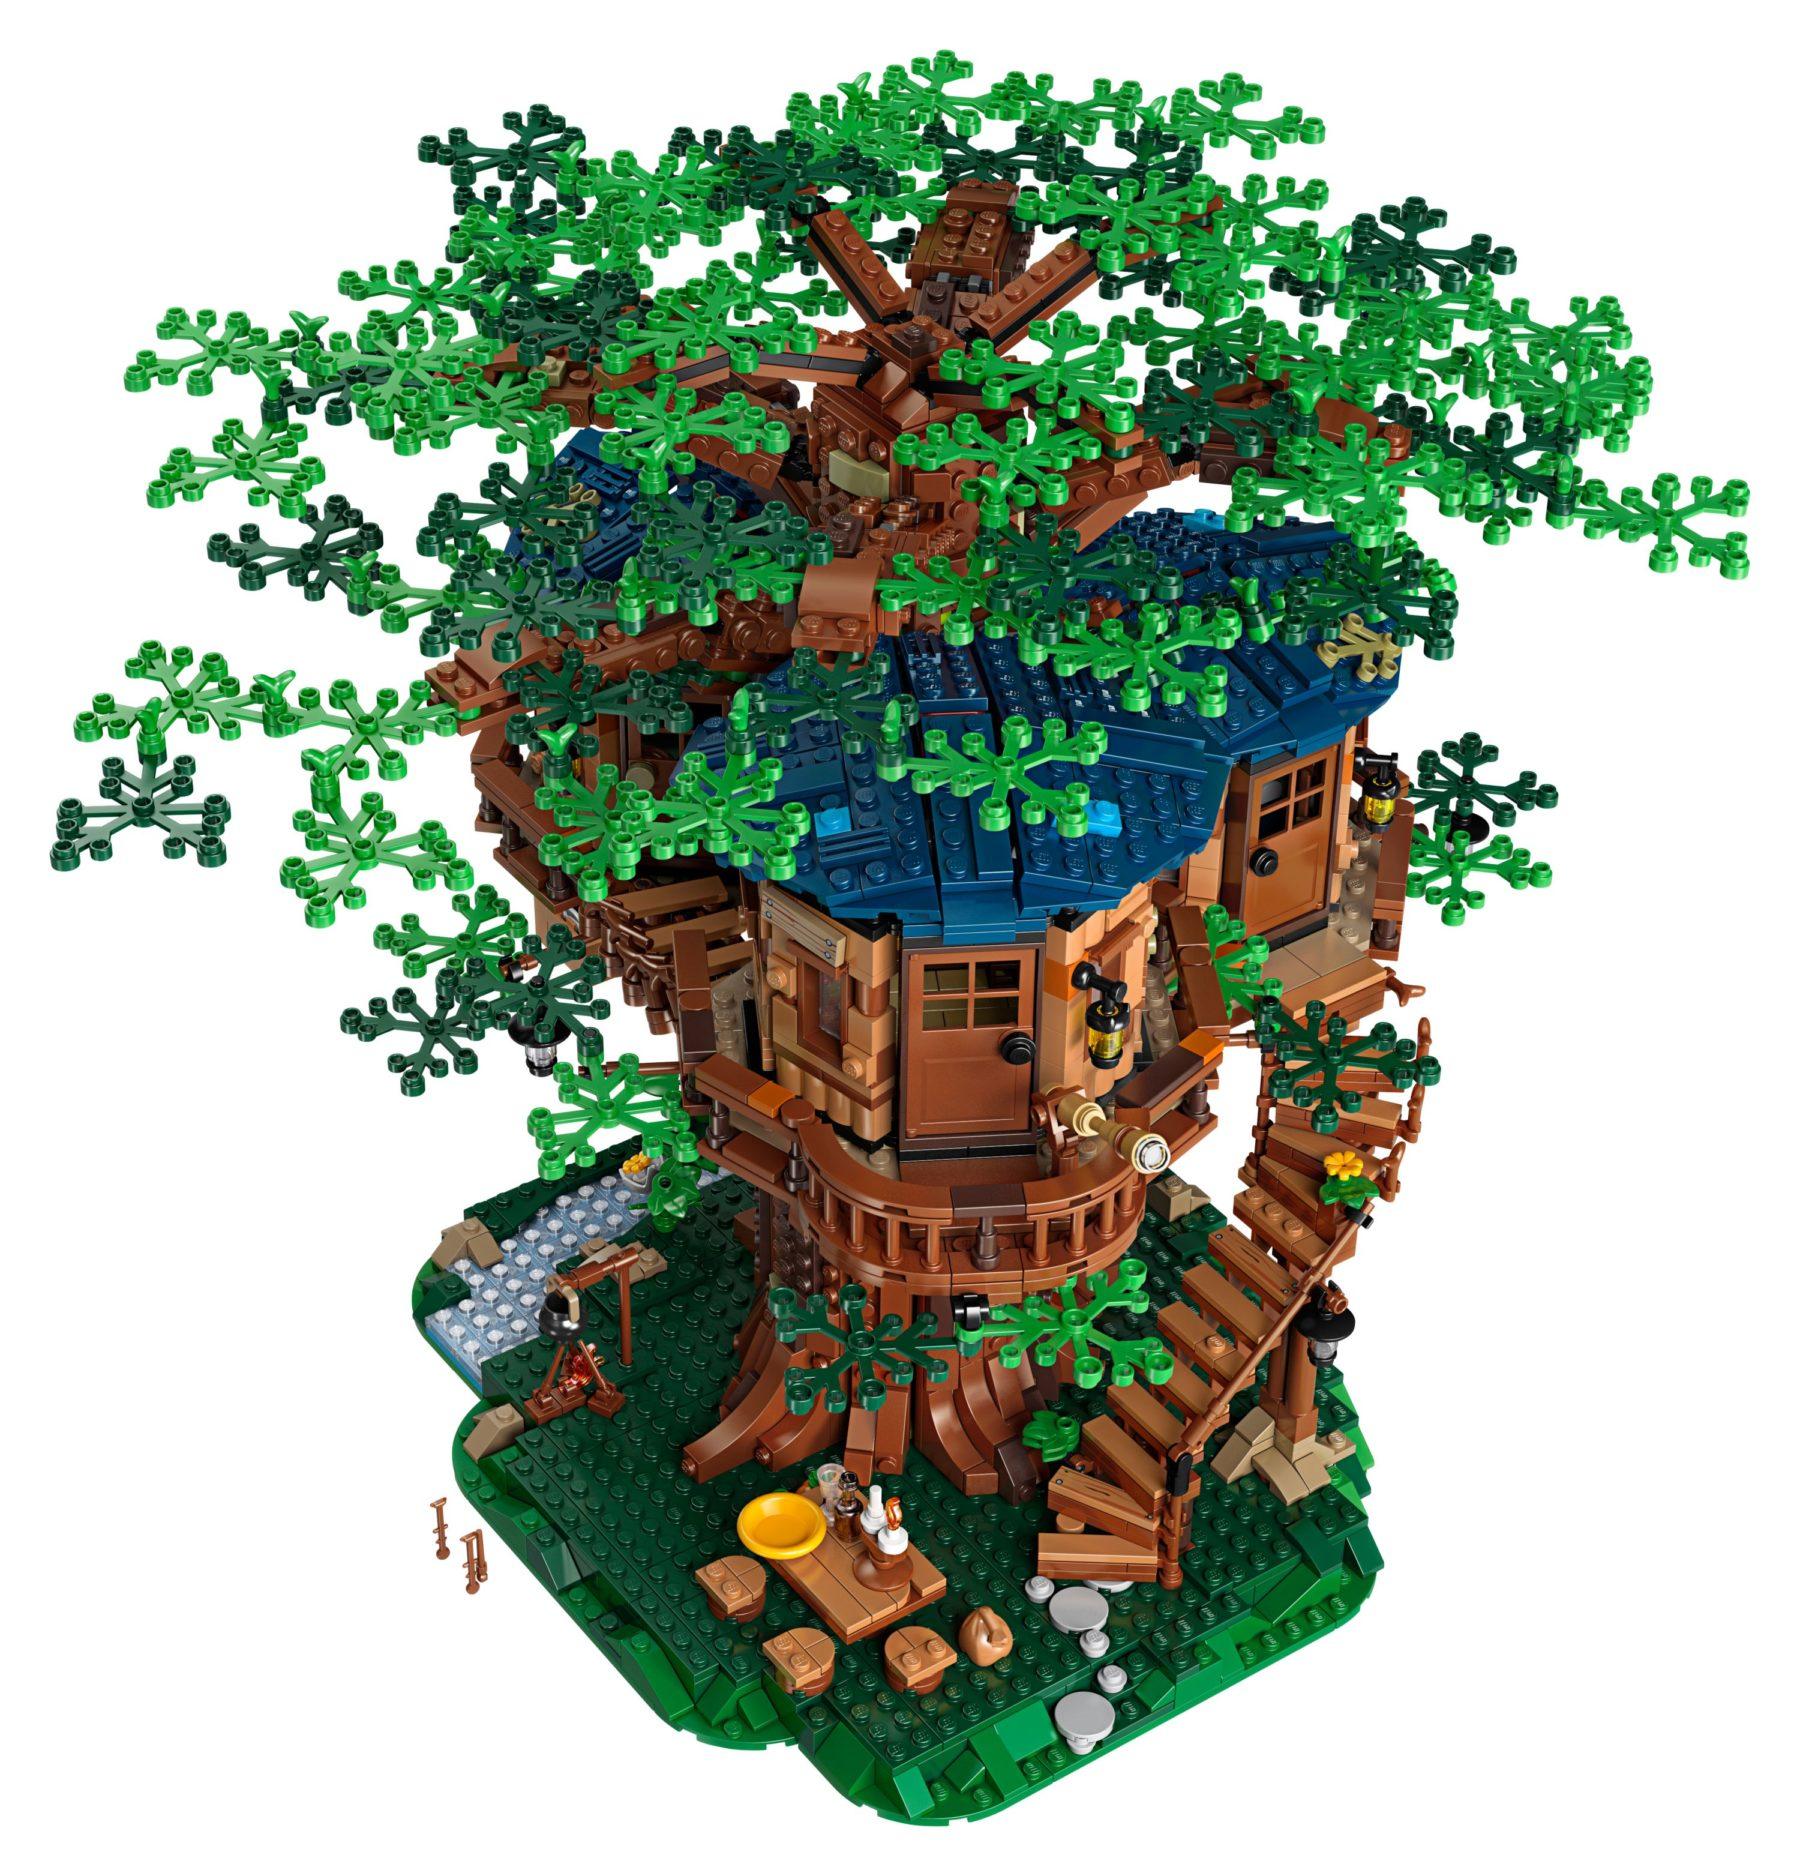 LEGO 21318 Baumhaus von oben